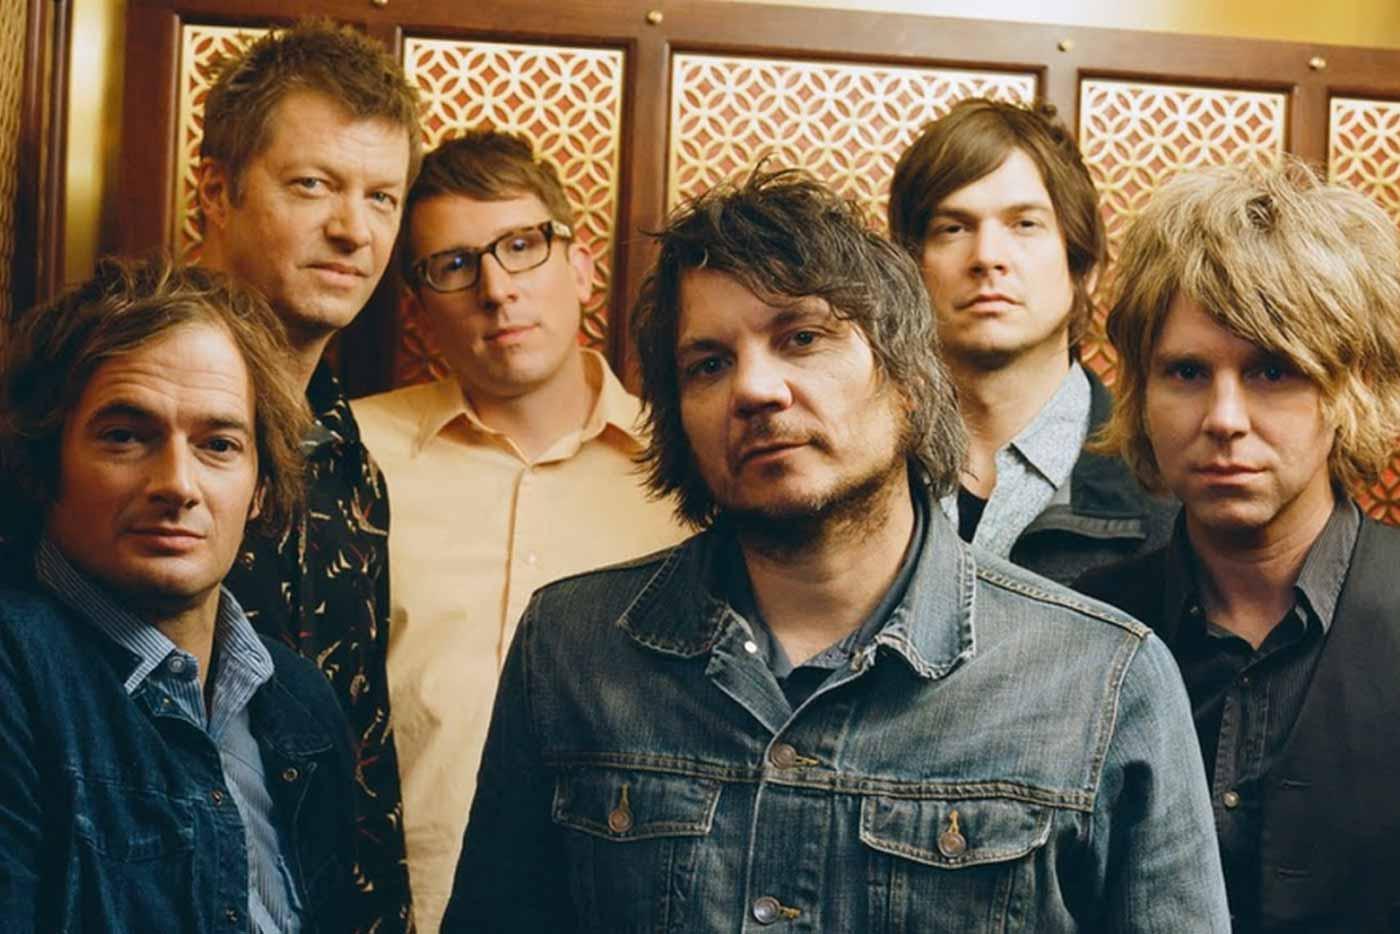 Estrenamos un tema inédito incluido en las nuevas reediciones de Wilco